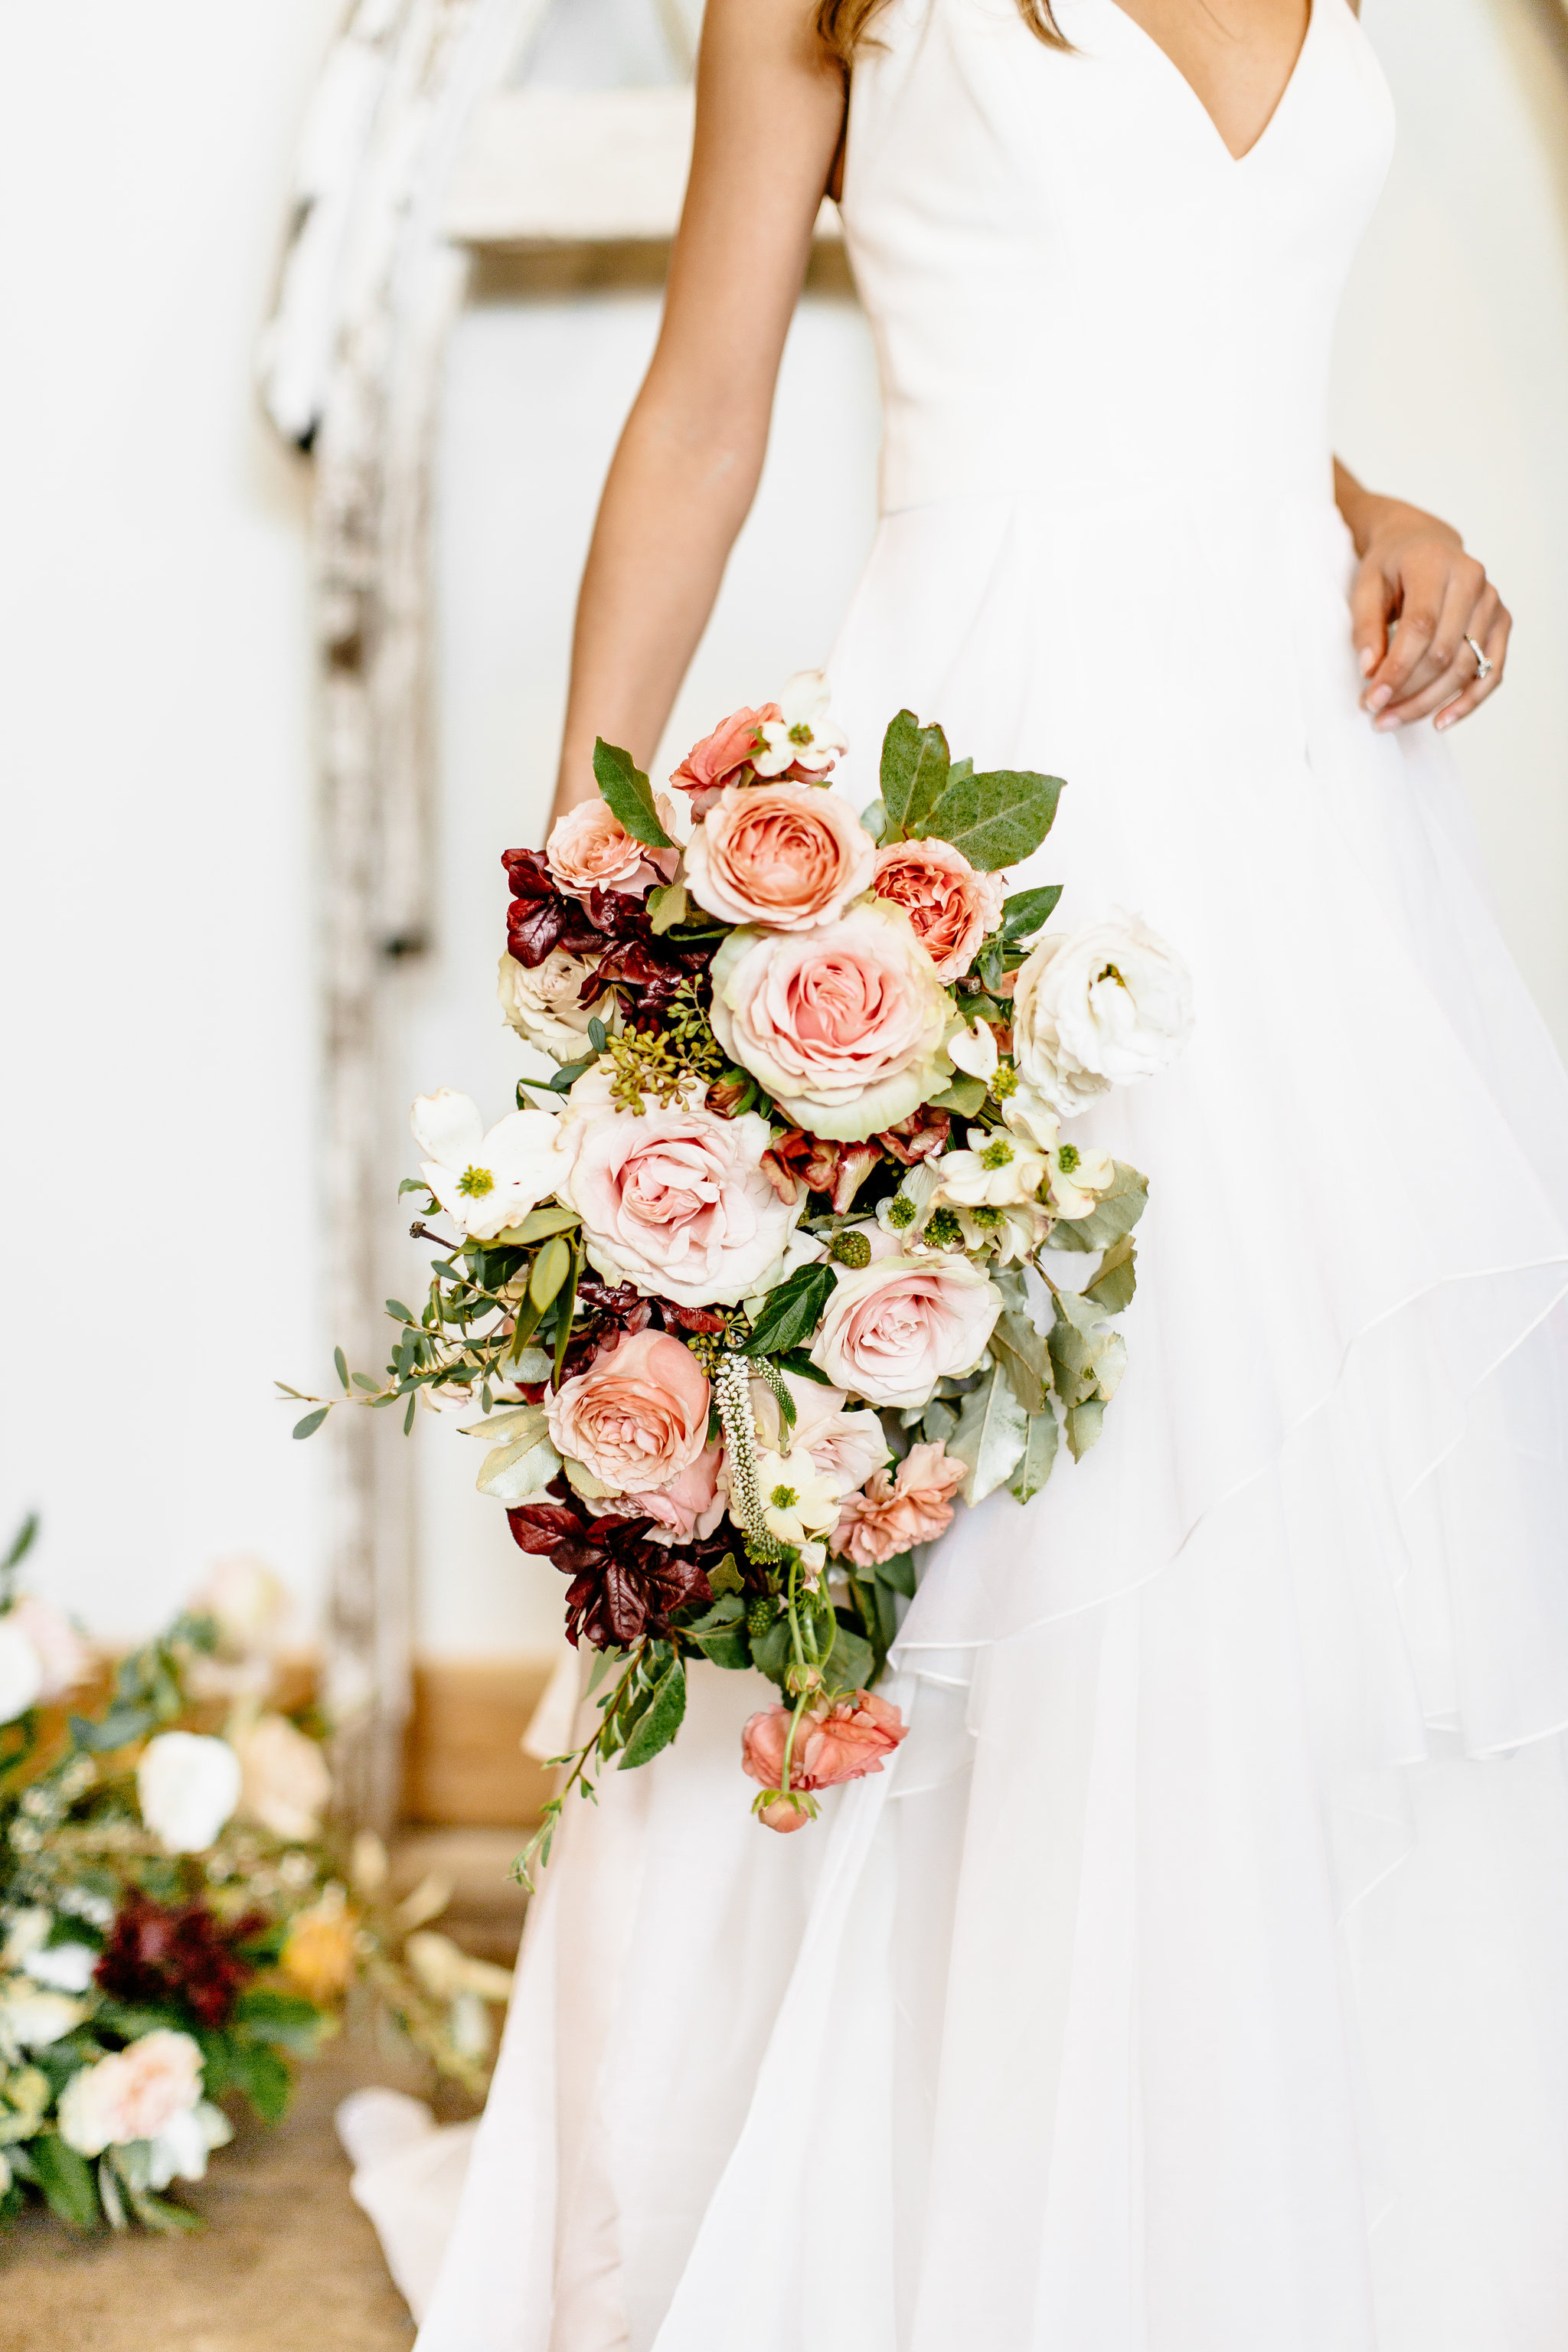 Alexa-Vossler-Photo_Dallas-Wedding-Photographer_Photoshoot-at-the-Station-McKinney_Empower-Event-54.jpg